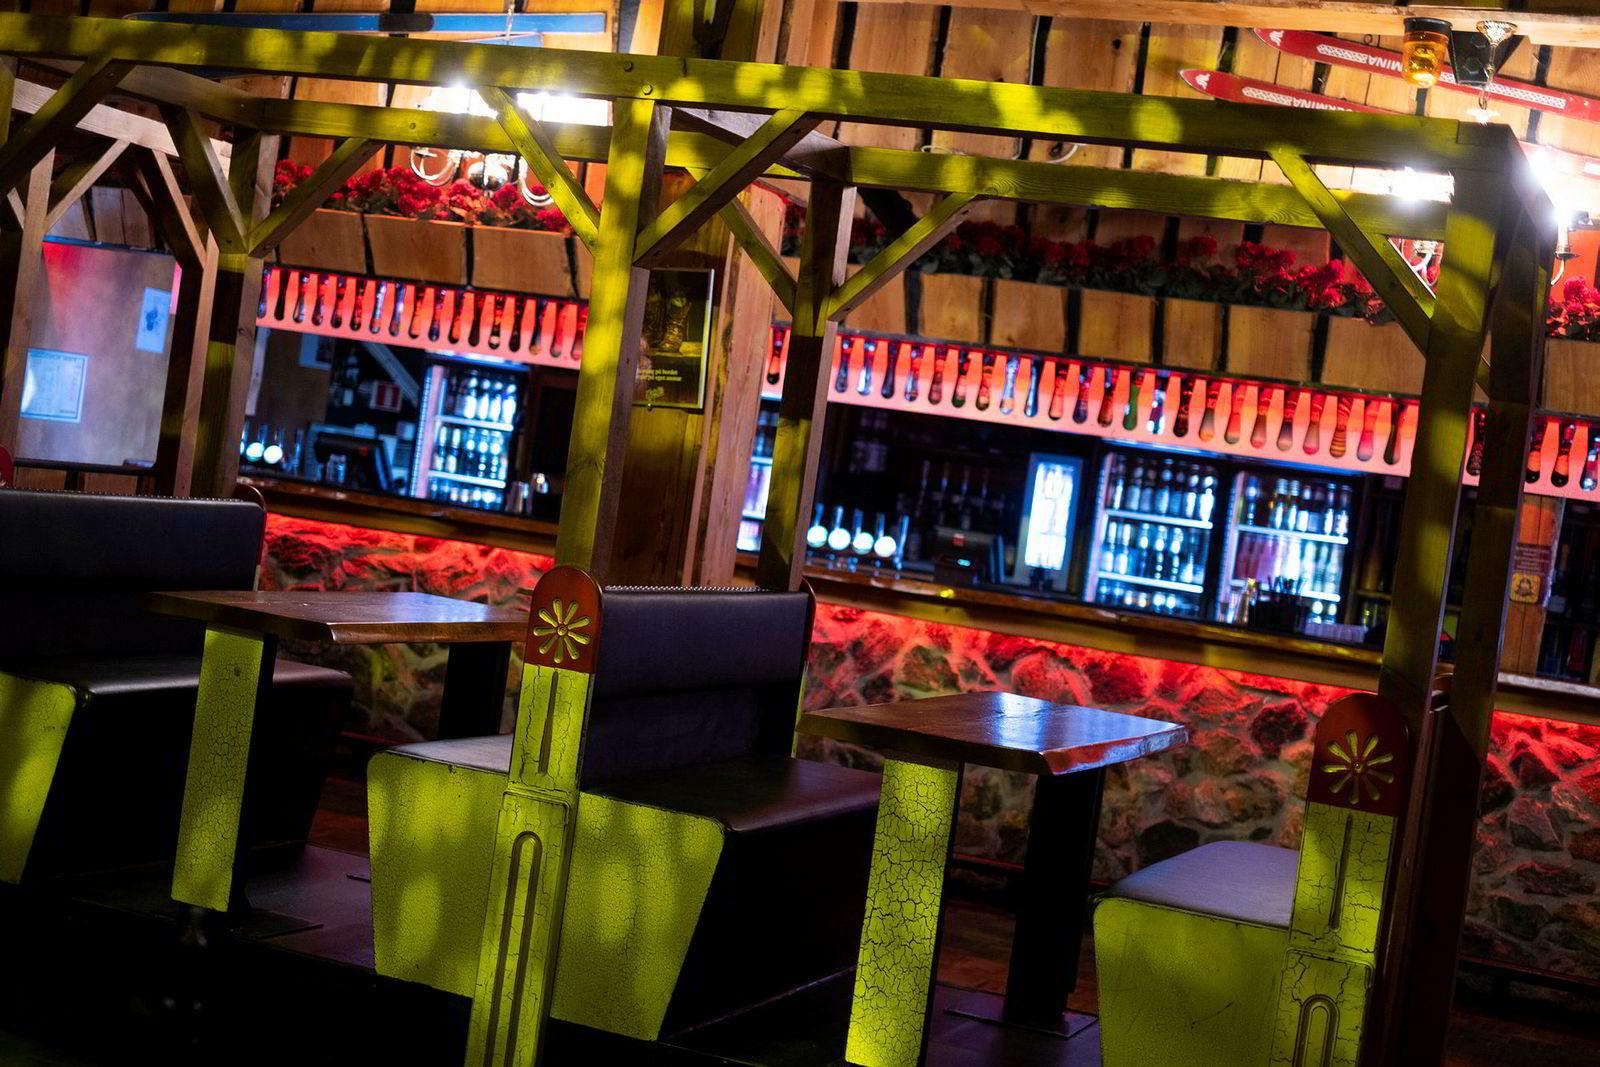 Heidi's Bier Bar i Trondheim er et av stedene som fikk utfordringer av mindre avanserte røykdetektorer.